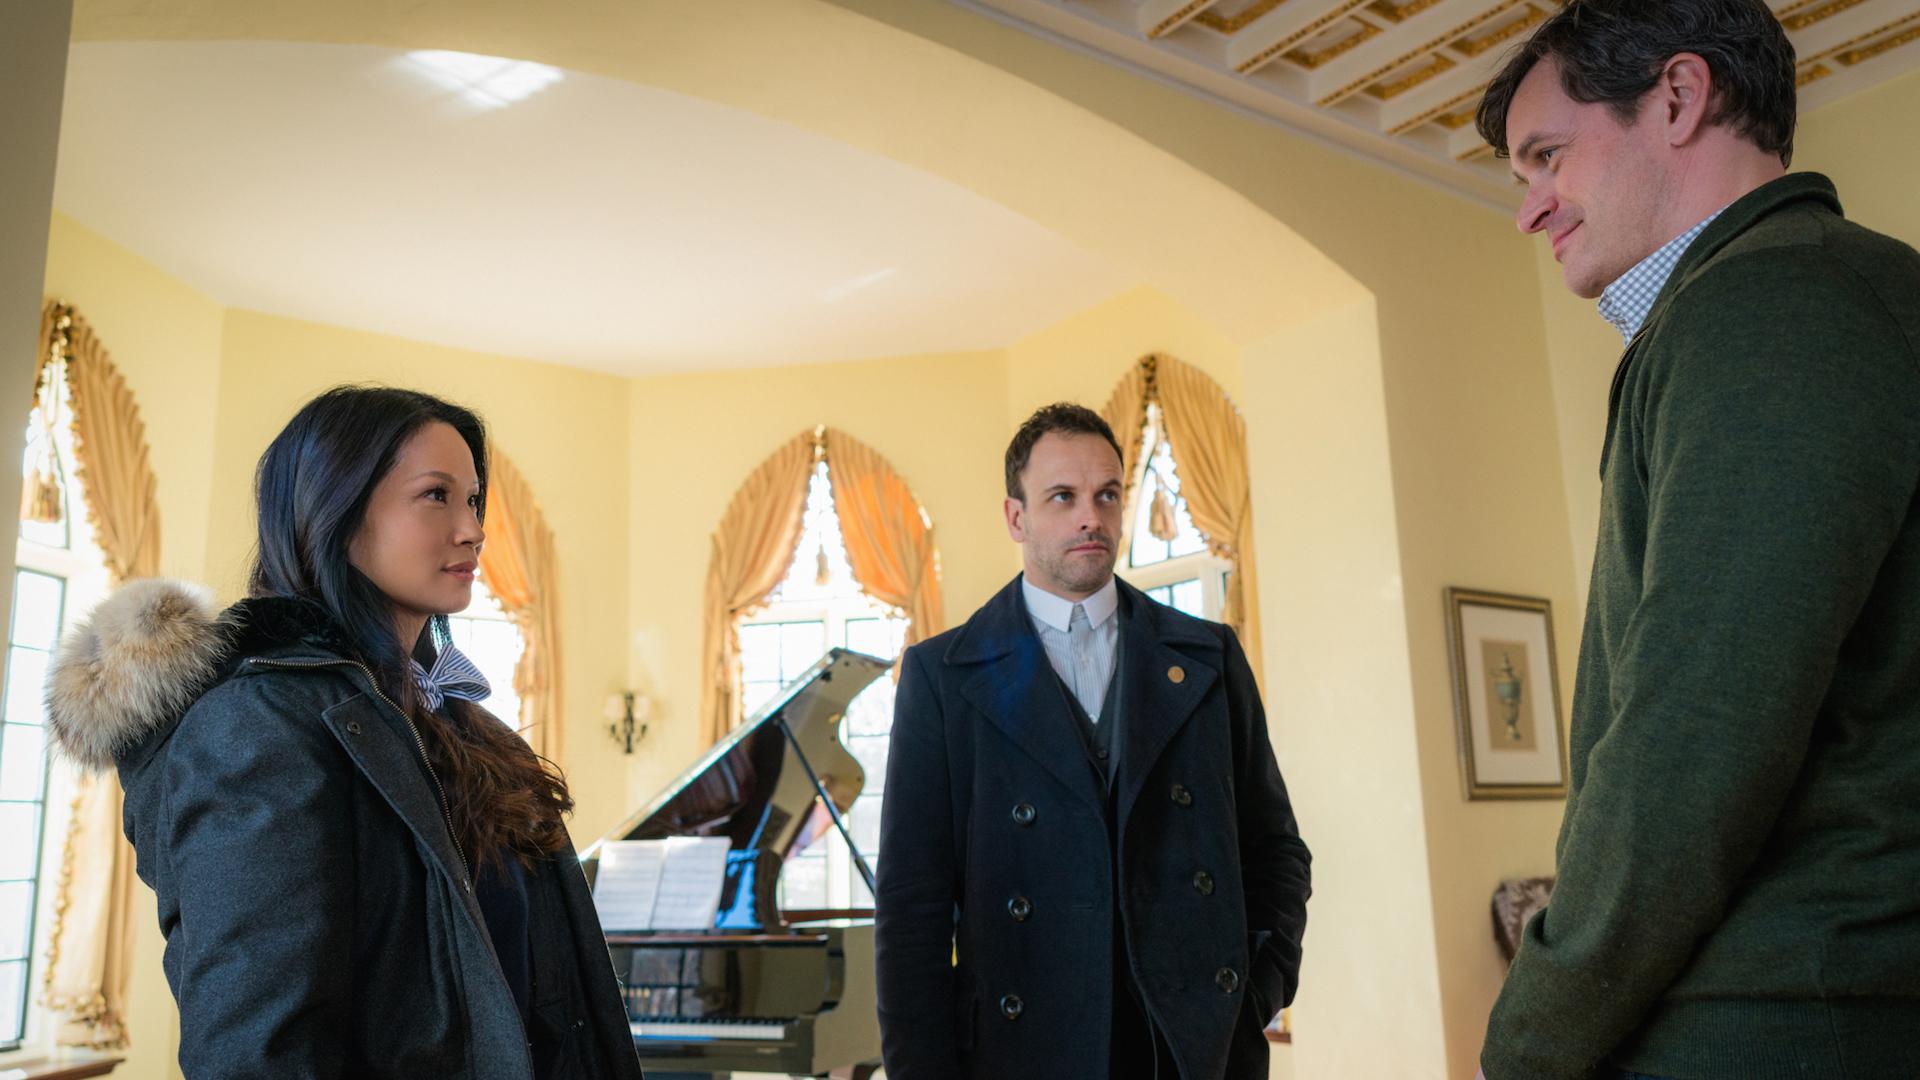 Lucy Liu as Joan Watson, Jonny Lee Miller as Sherlock Holmes, and Tom Everett Scott as Henry Baskerville